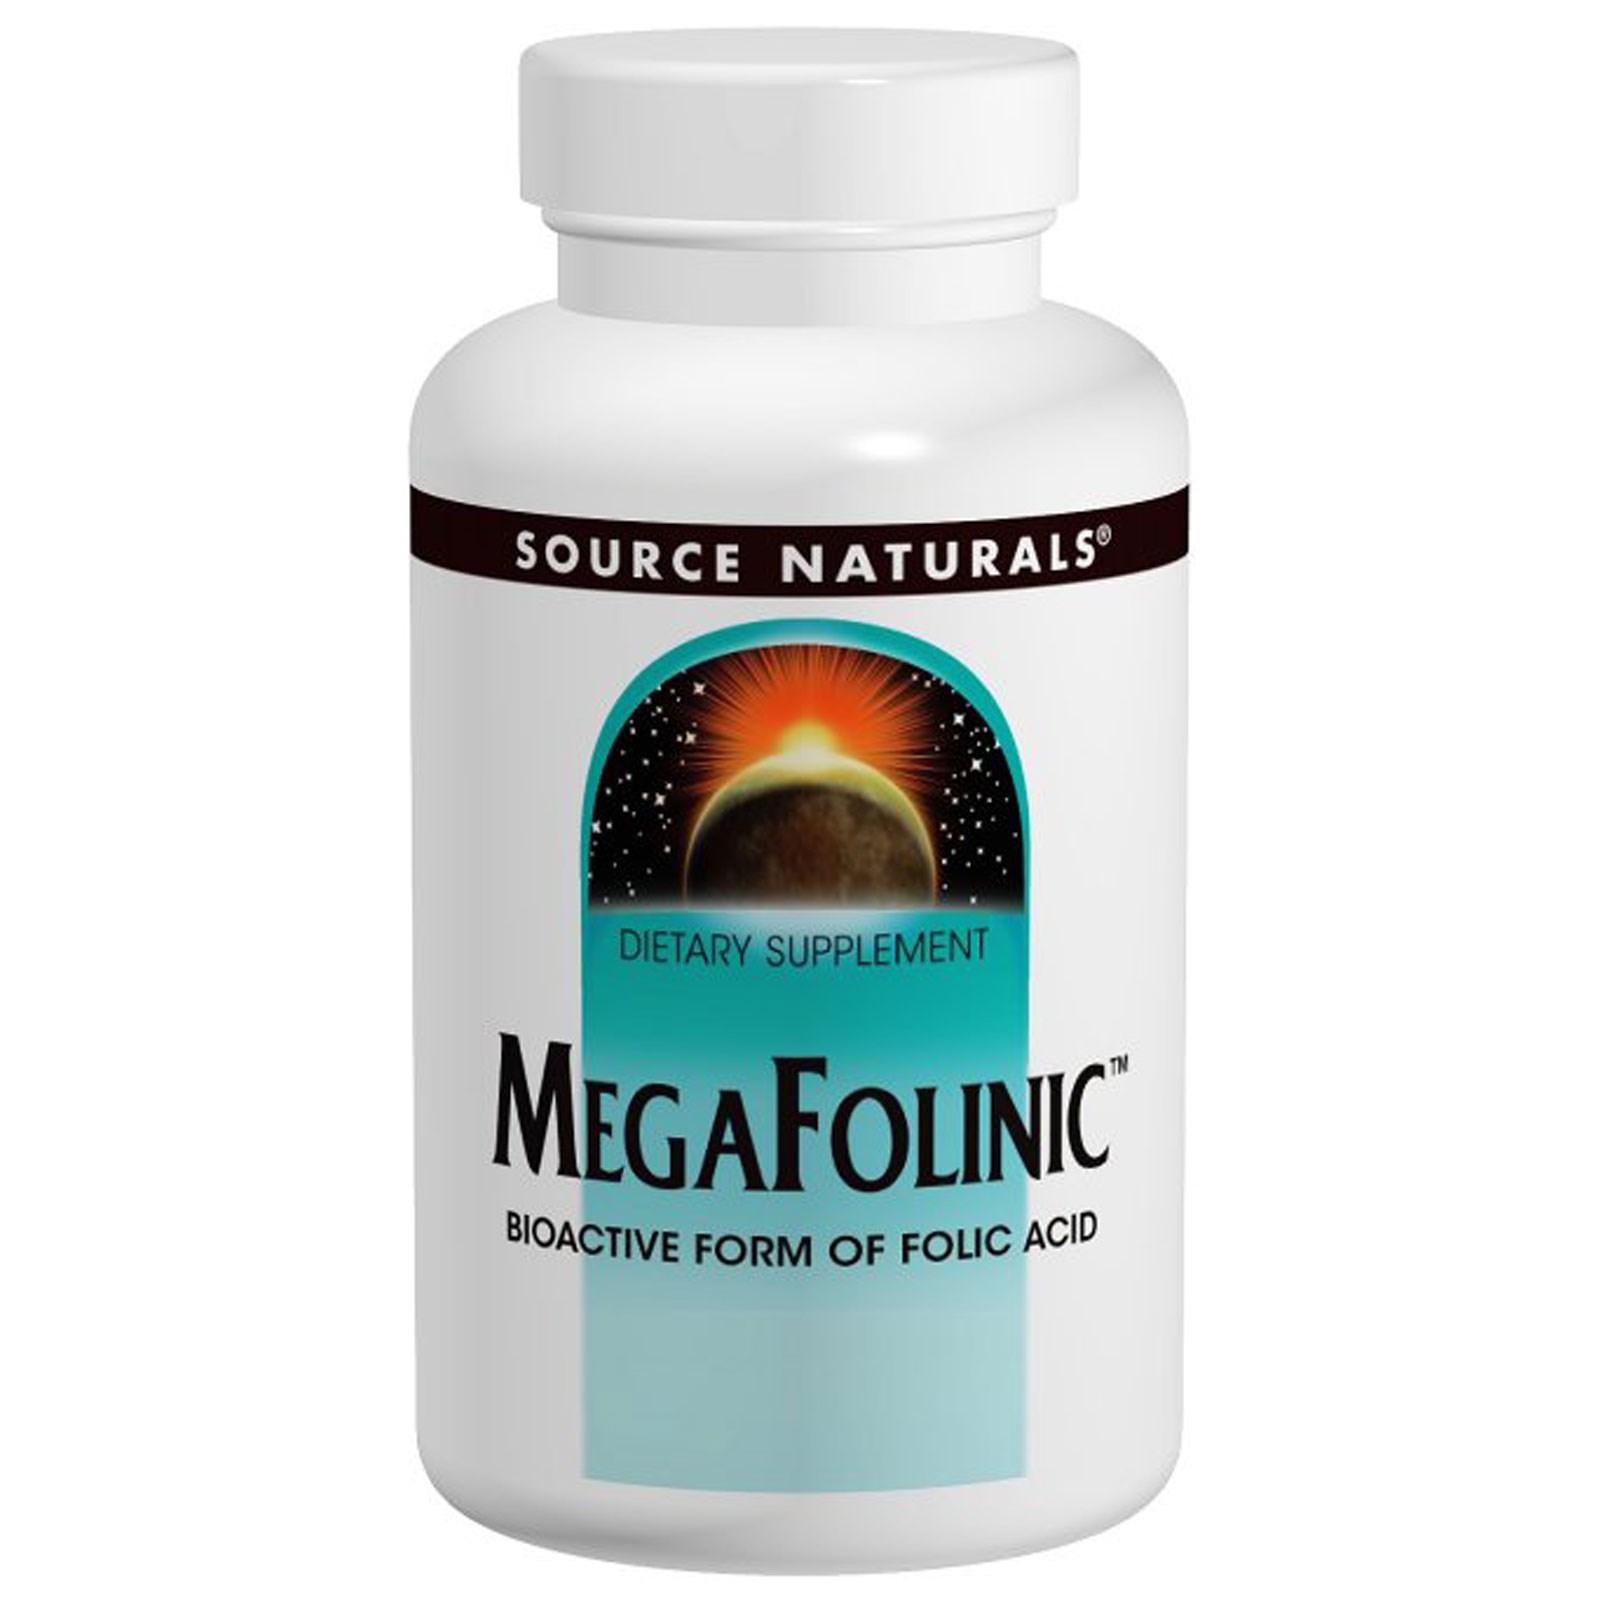 Source Naturals, Фолиевая кислота MegaFolinic (800 мкг, 120 таблеток)